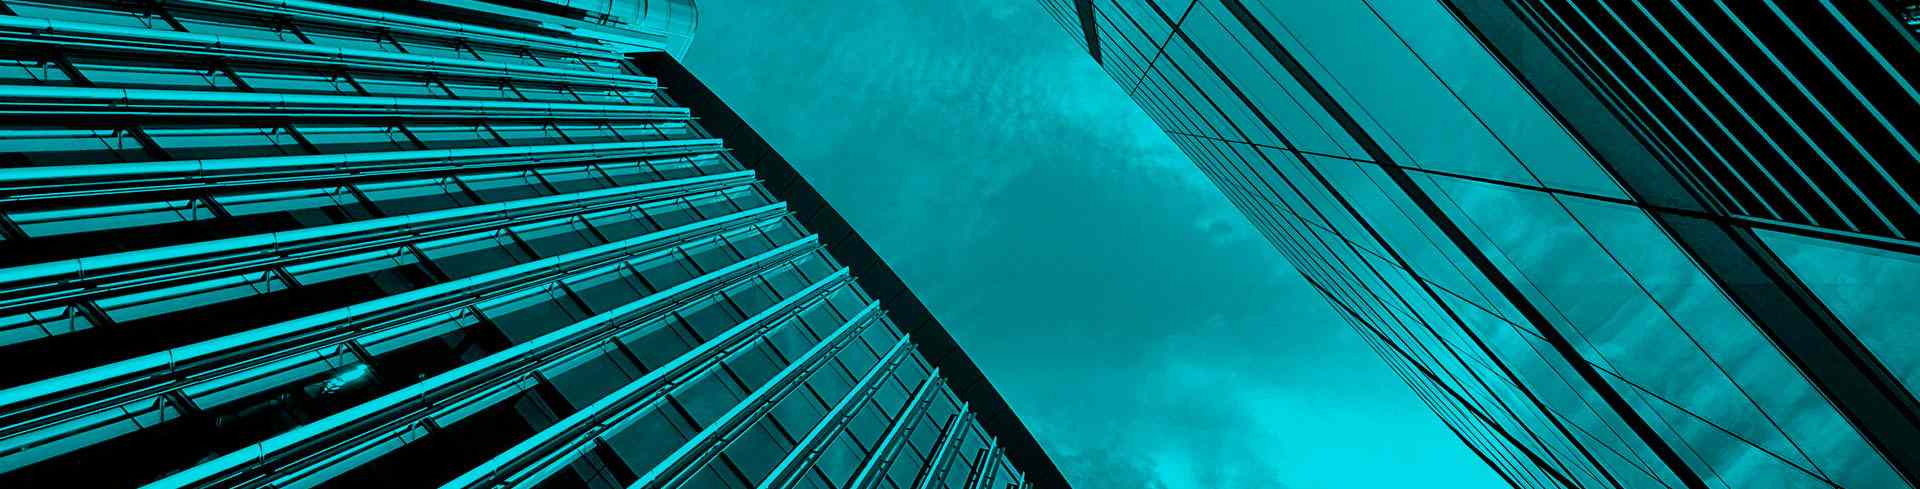 Curso Building Information Modeling (BIM) para proyectos de construcción